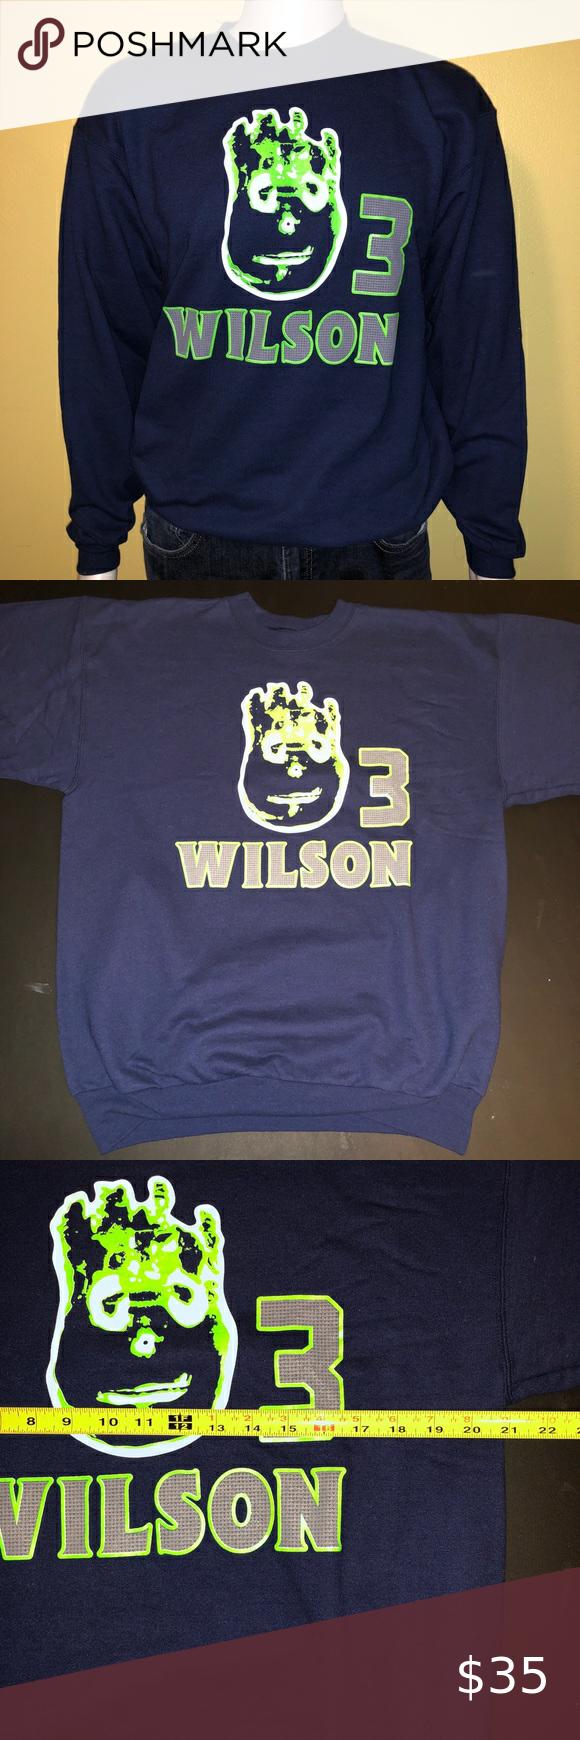 Predownload: Russell Wilson Crewneck Sweatshirt In 2020 Crew Neck Sweatshirt Sweatshirts Sweatshirt Shirt [ 1740 x 580 Pixel ]